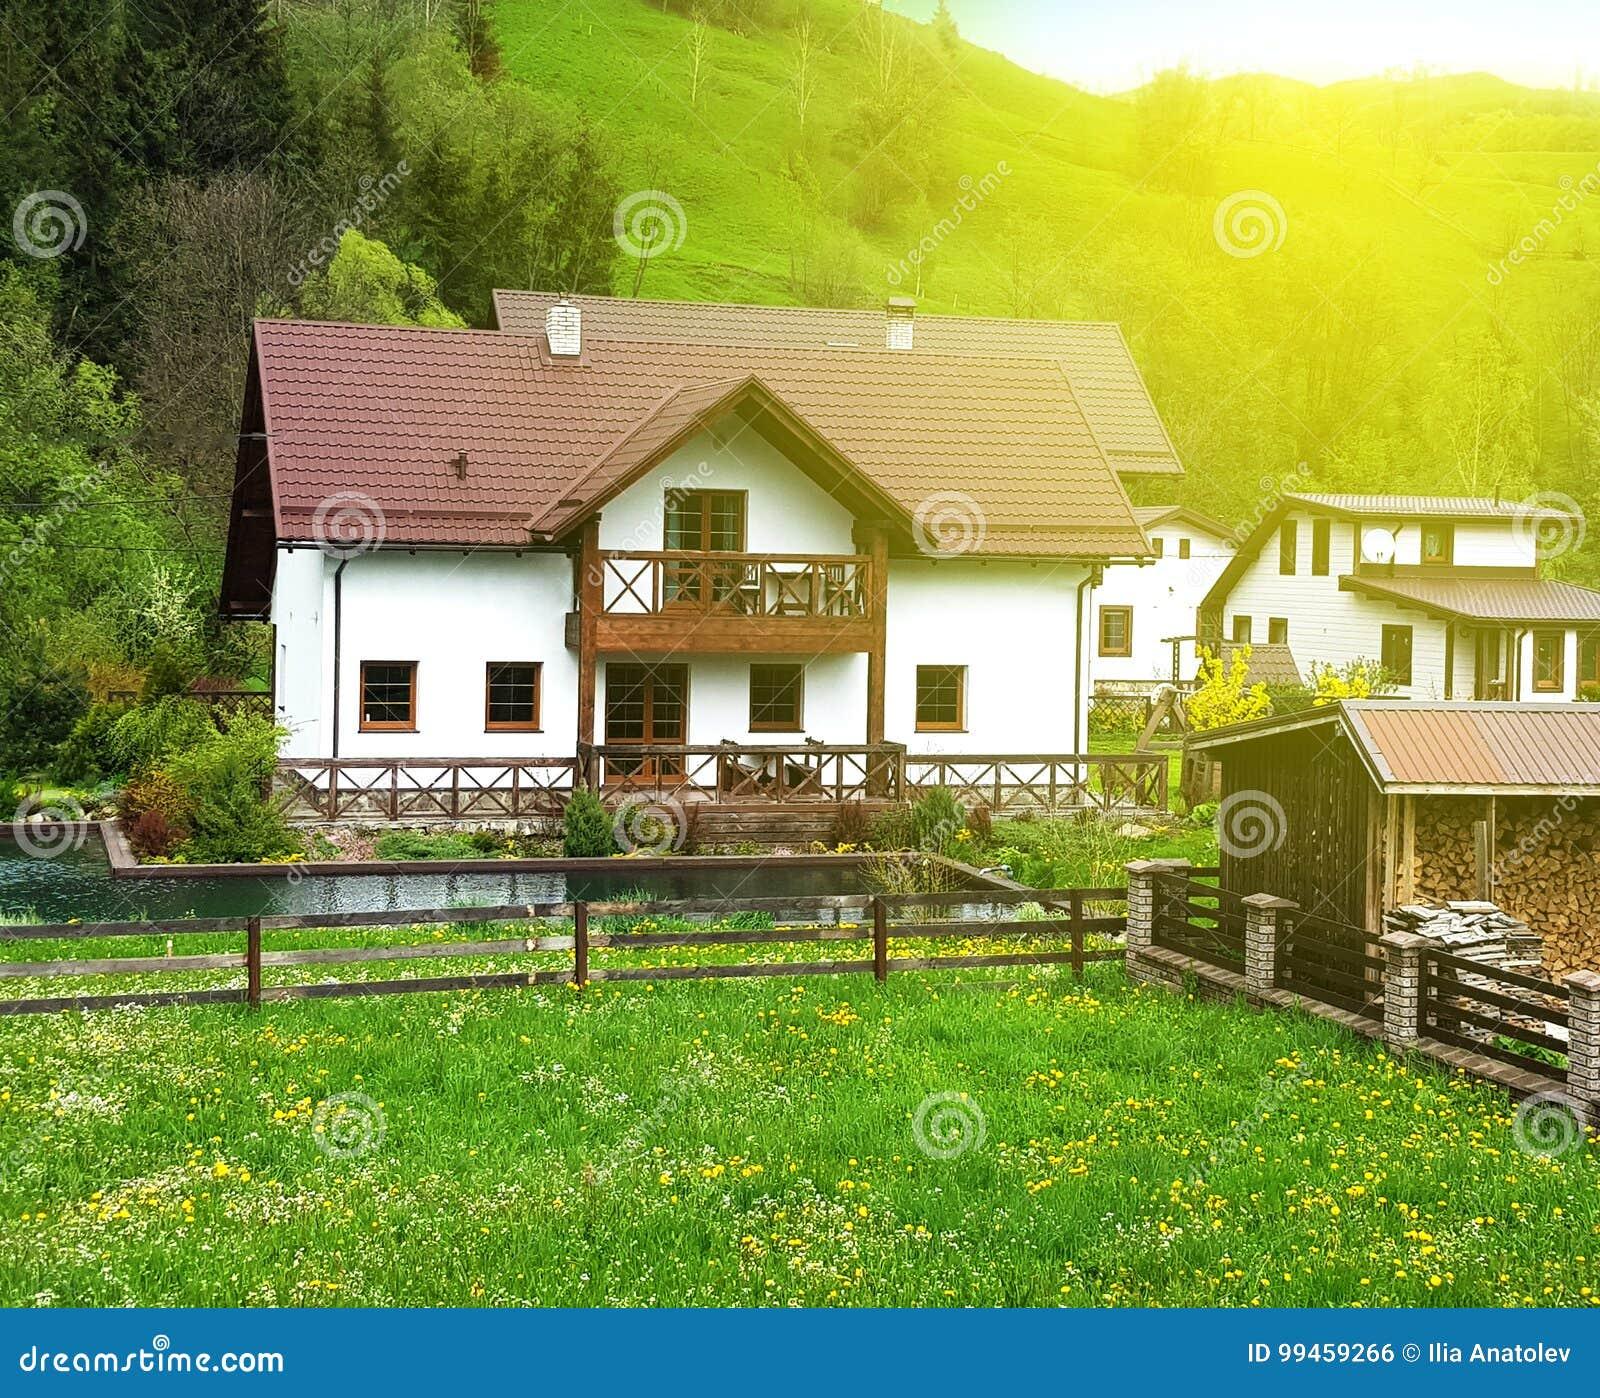 Fachada cl sica de una casa de campo blanca con un prado y for Fachada casa clasica